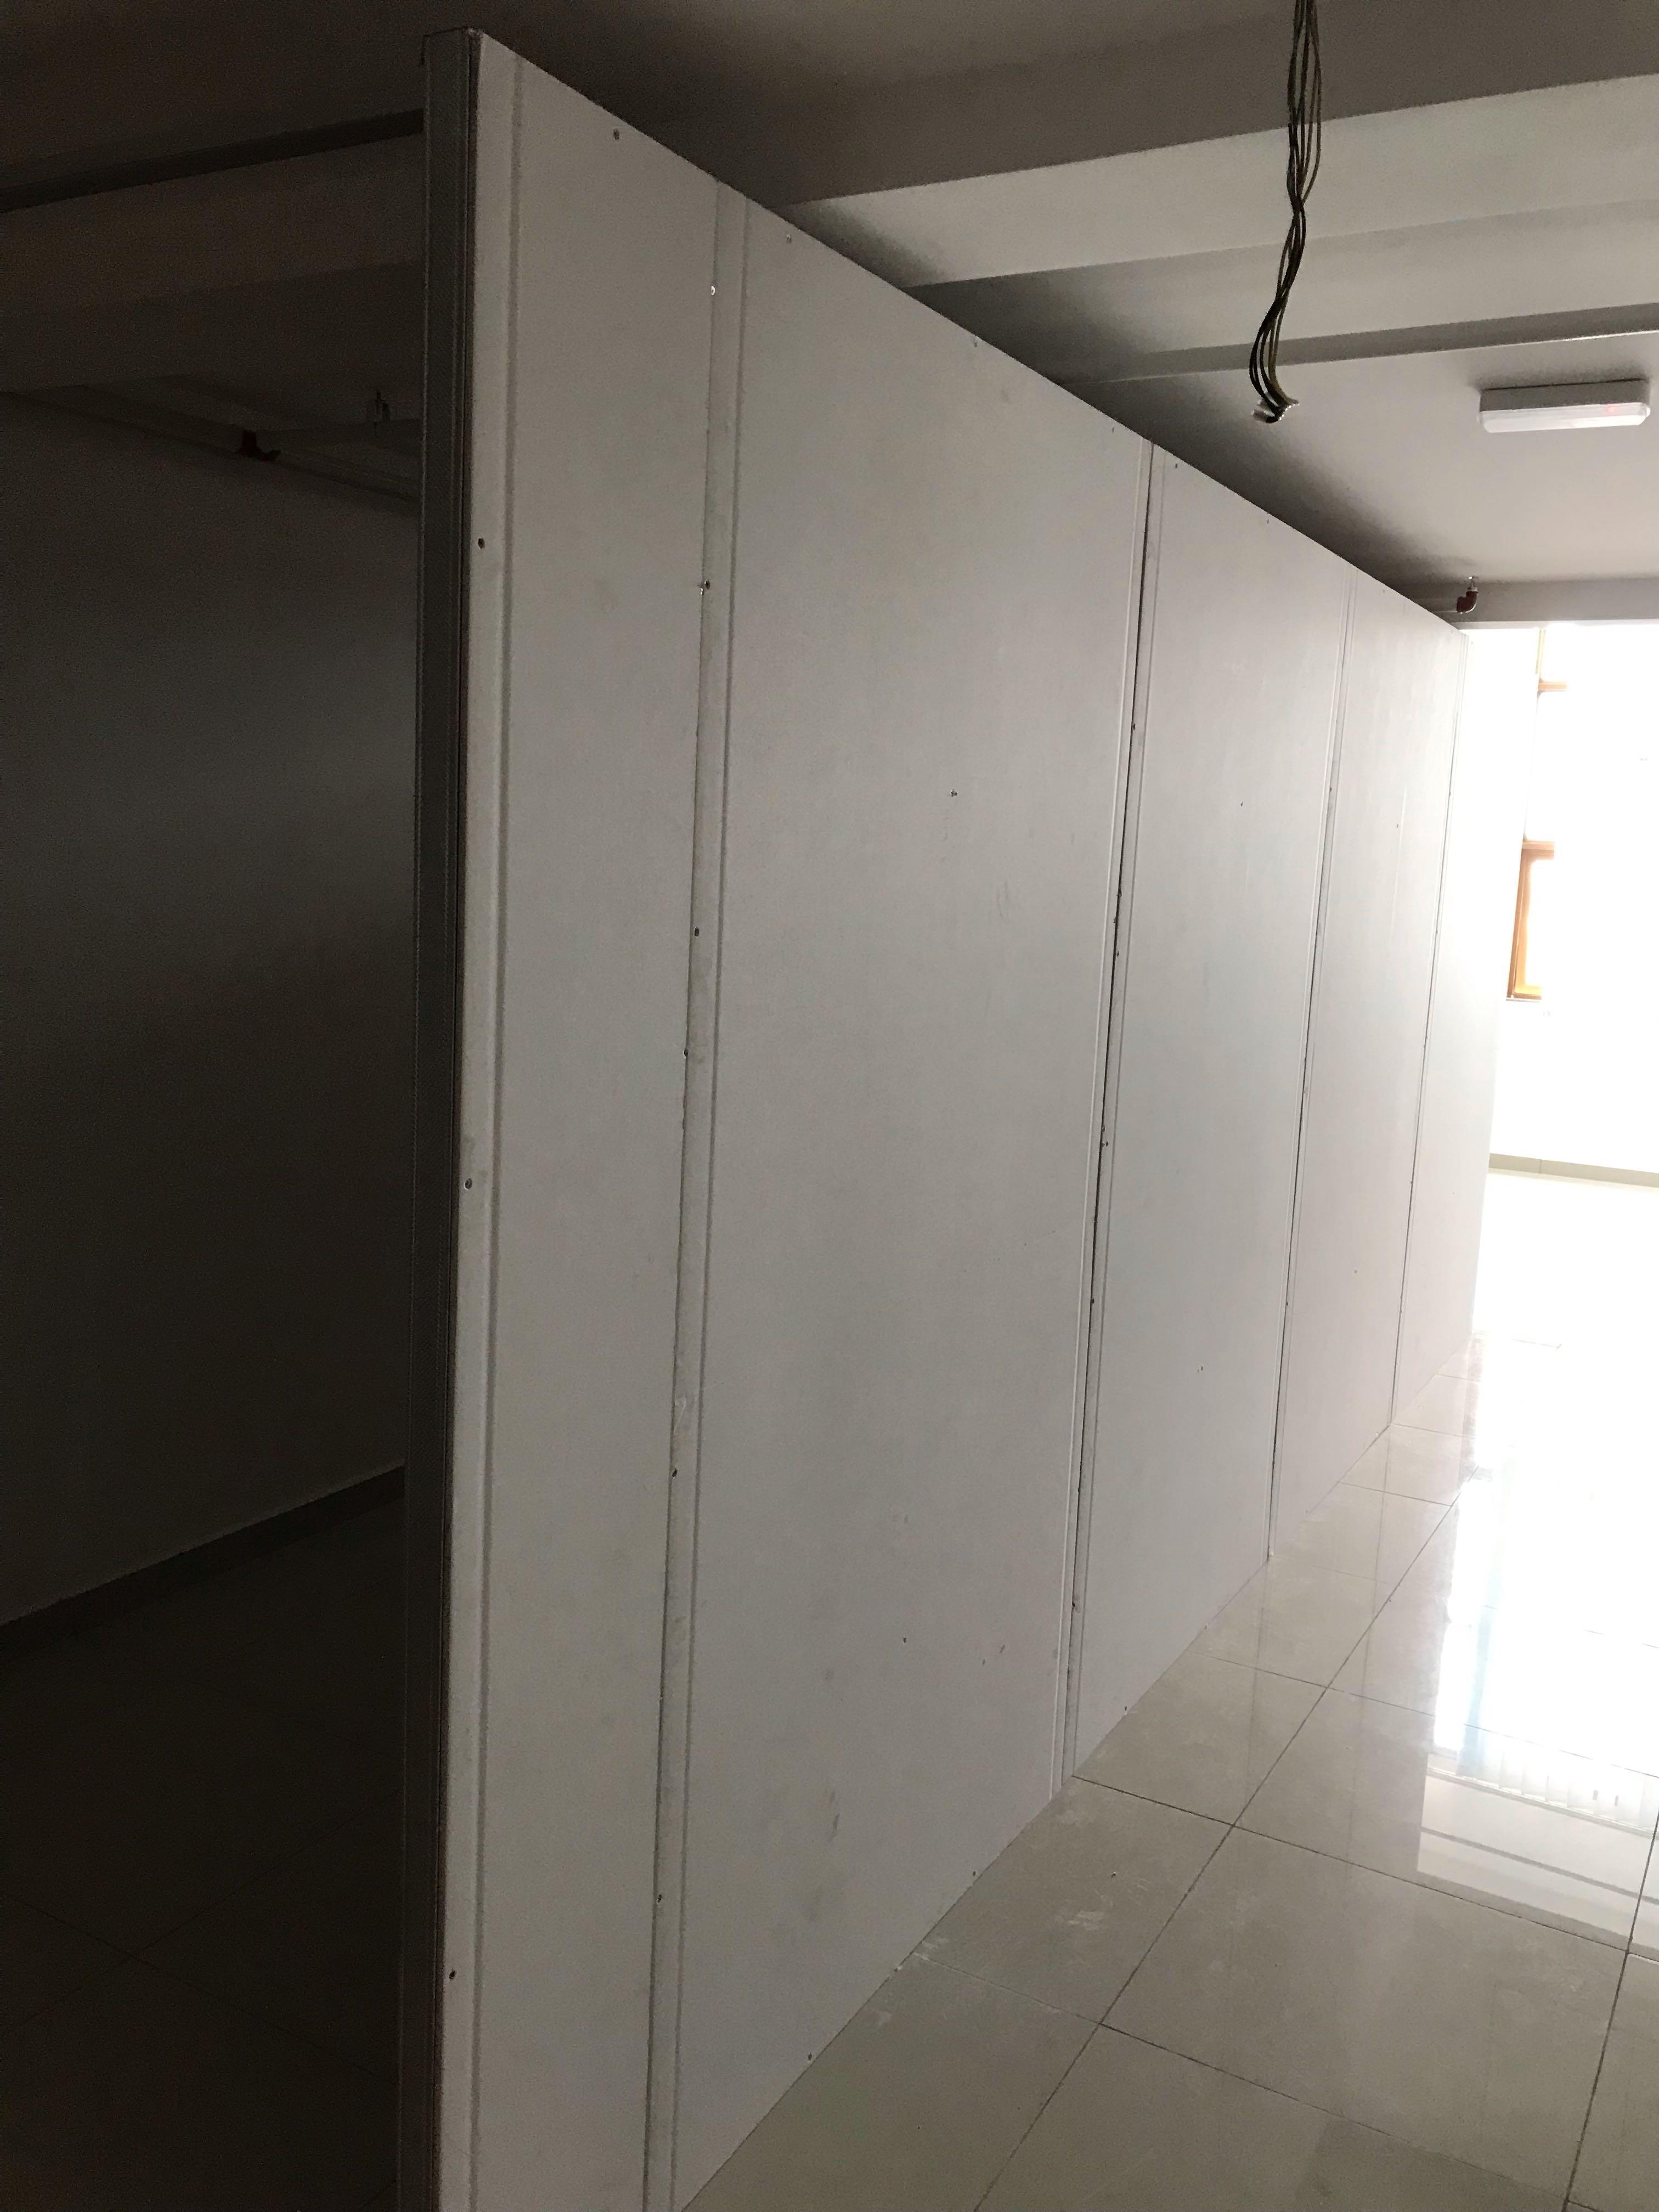 Partition Drywall Gypsum Untuk SOHO, SOFO, Condominium, Studio